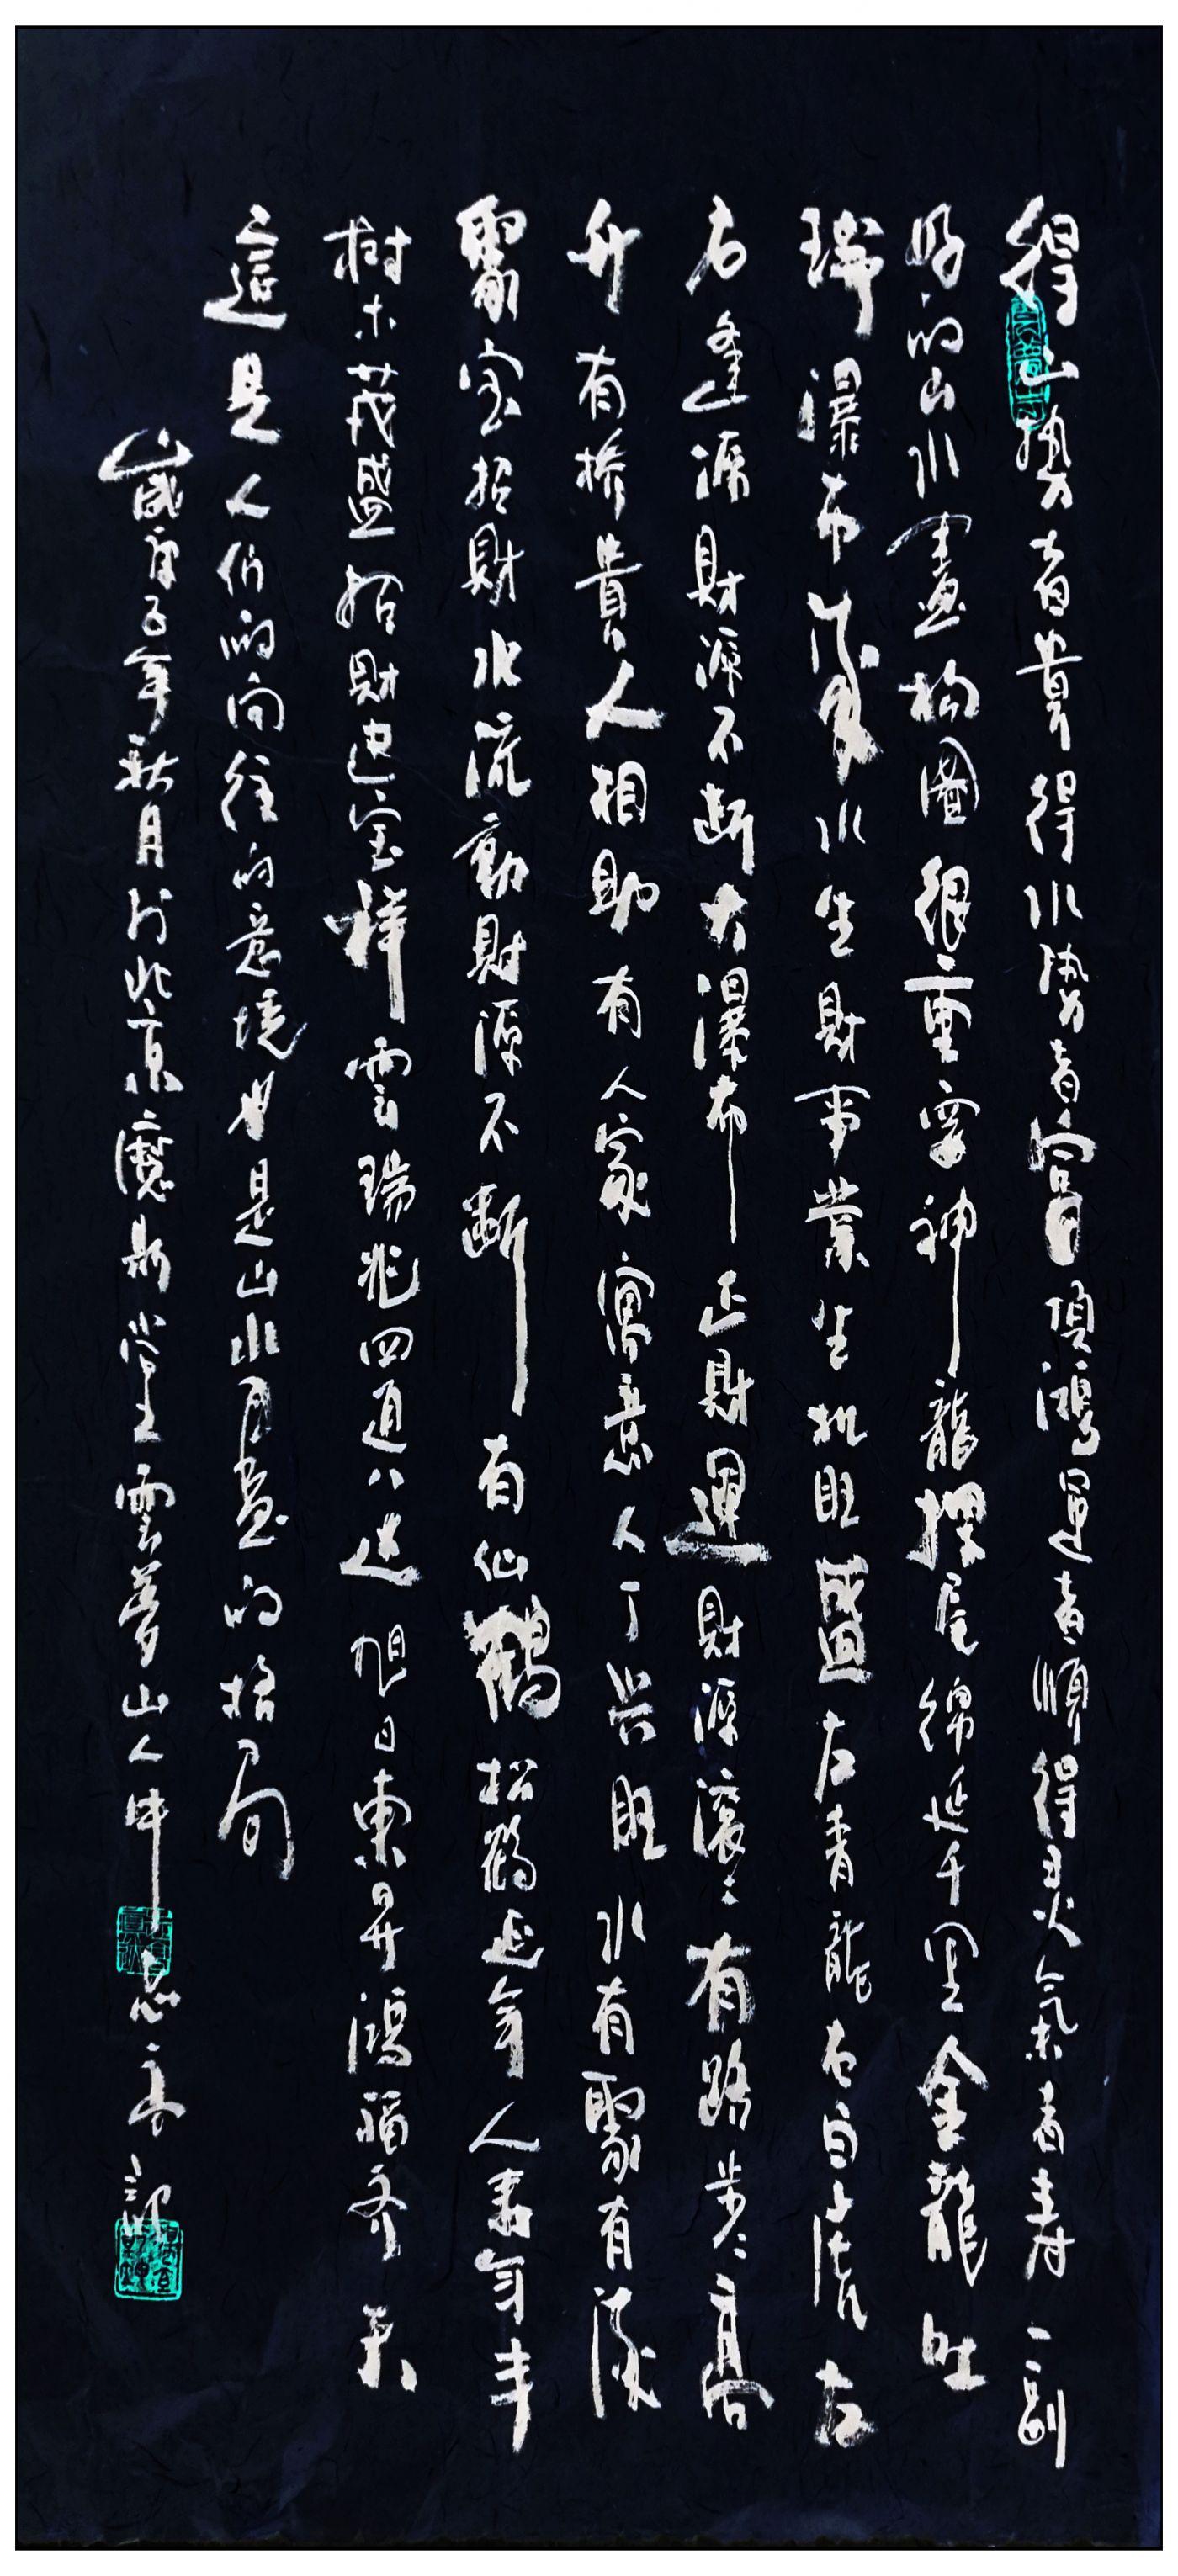 牛志高2020山水画新作-----2020.09.06_图1-3